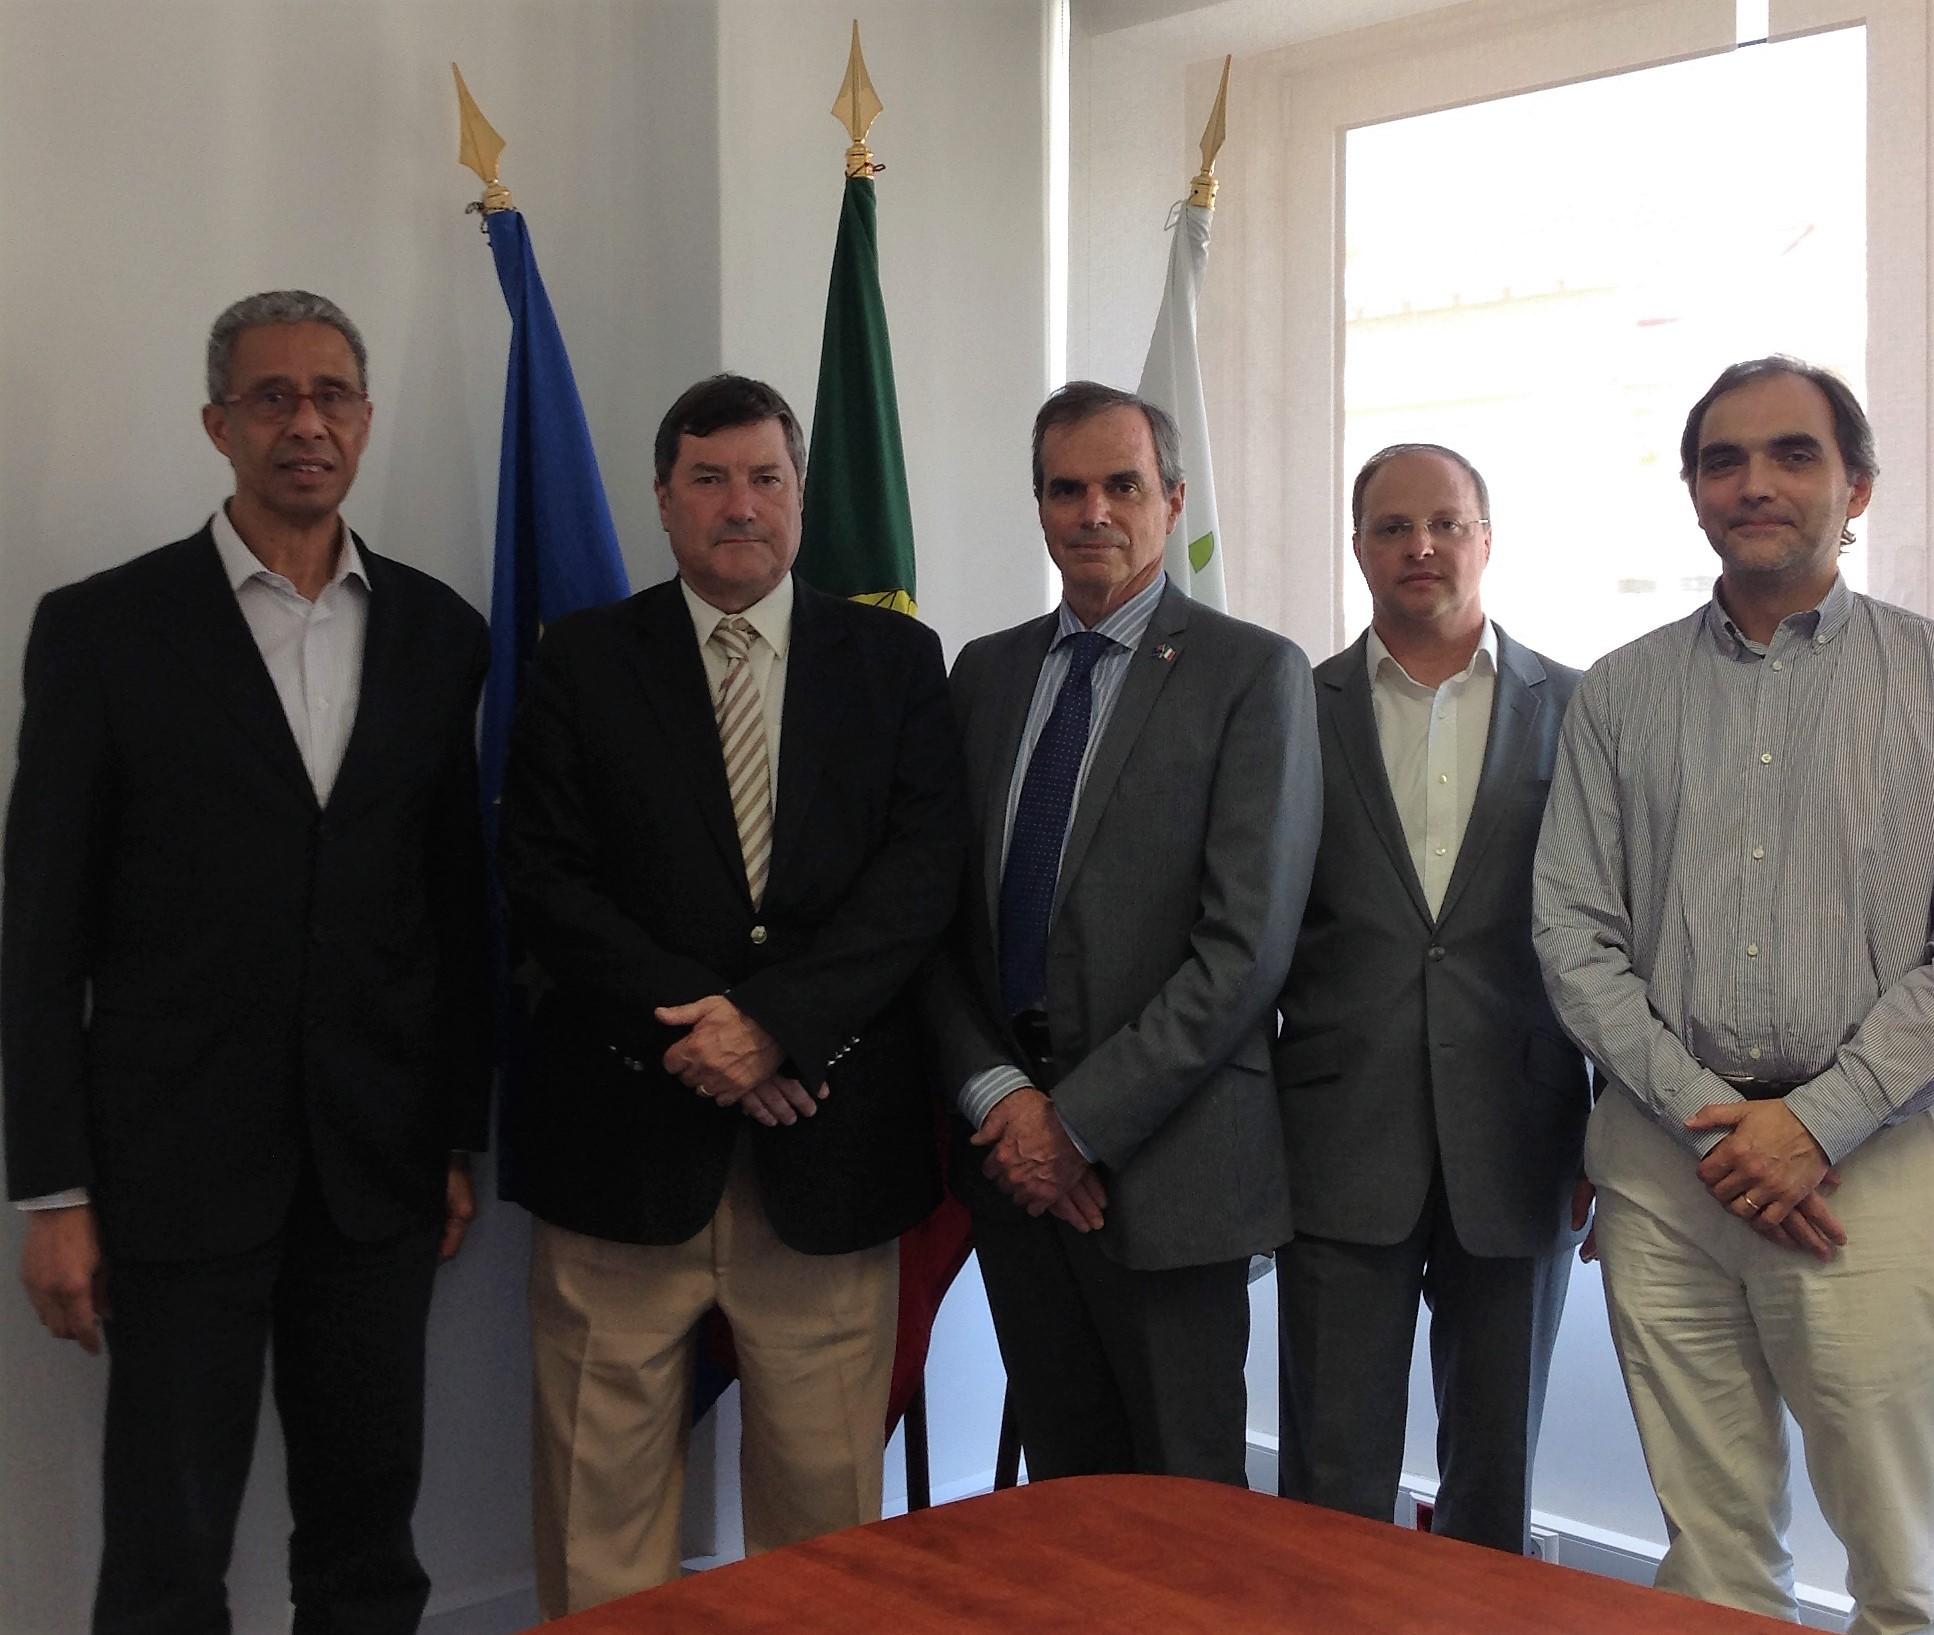 Warwick Forbes – Head of AIS Europe visita CAR do Jamor, Rio Maior e Montemor-o-Velho